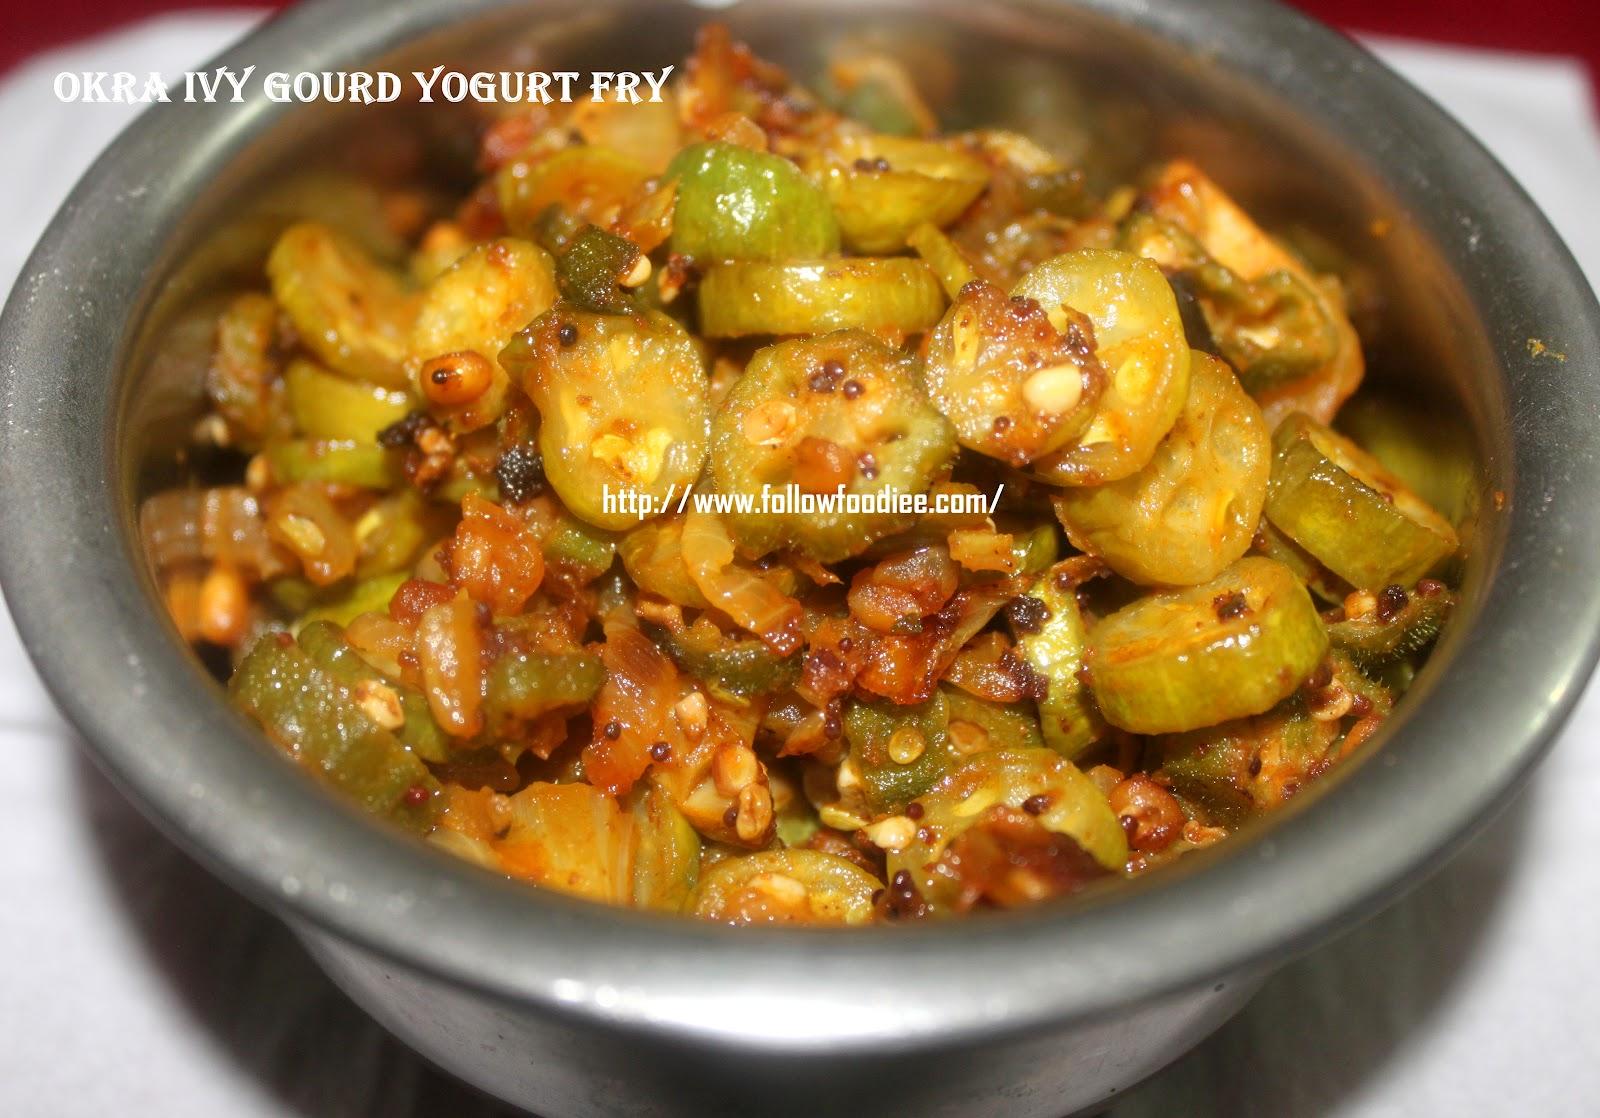 Okra Ivy gourd Yougurt Fry